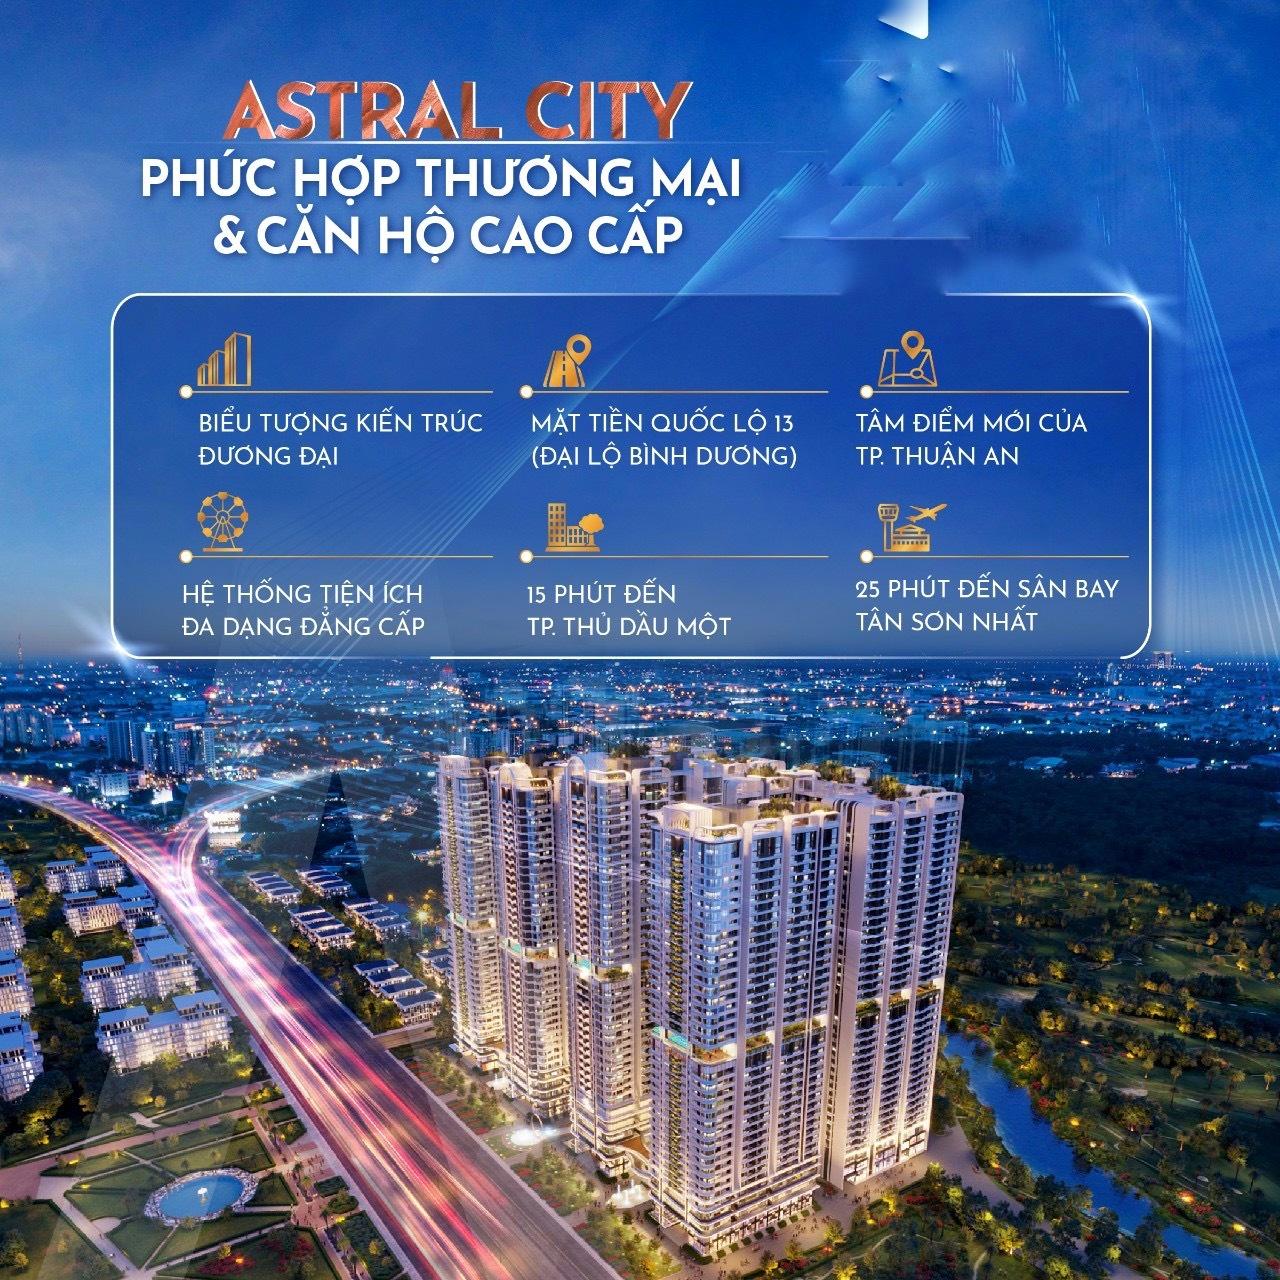 dự án căn hộ Astral City Phát Đạt Thuân An Bình Dương - ASTRAL CITY